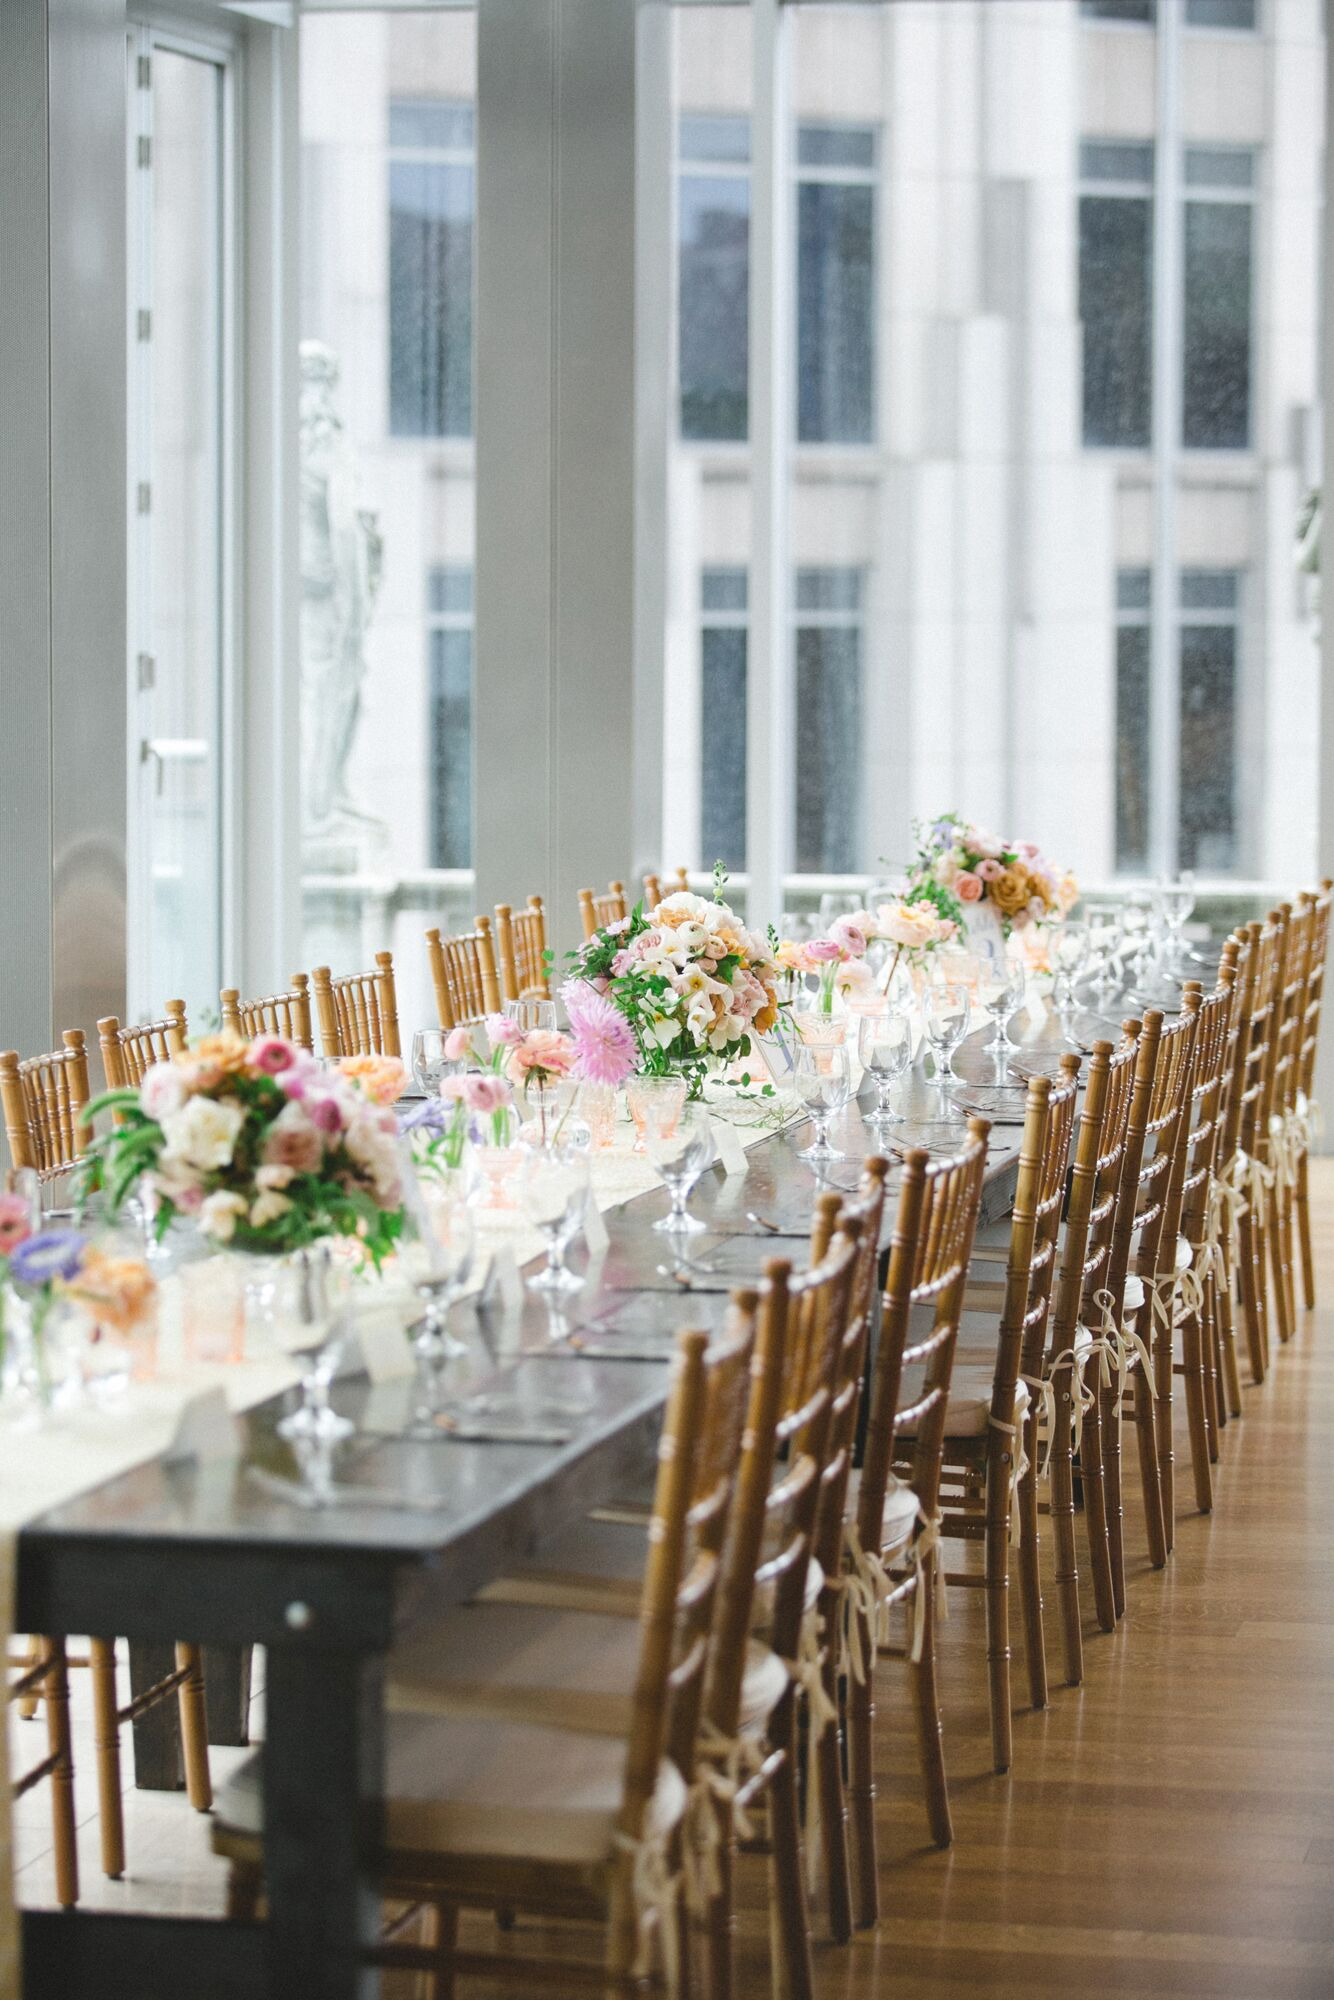 Foundation For The Carolinas Wedding Reception